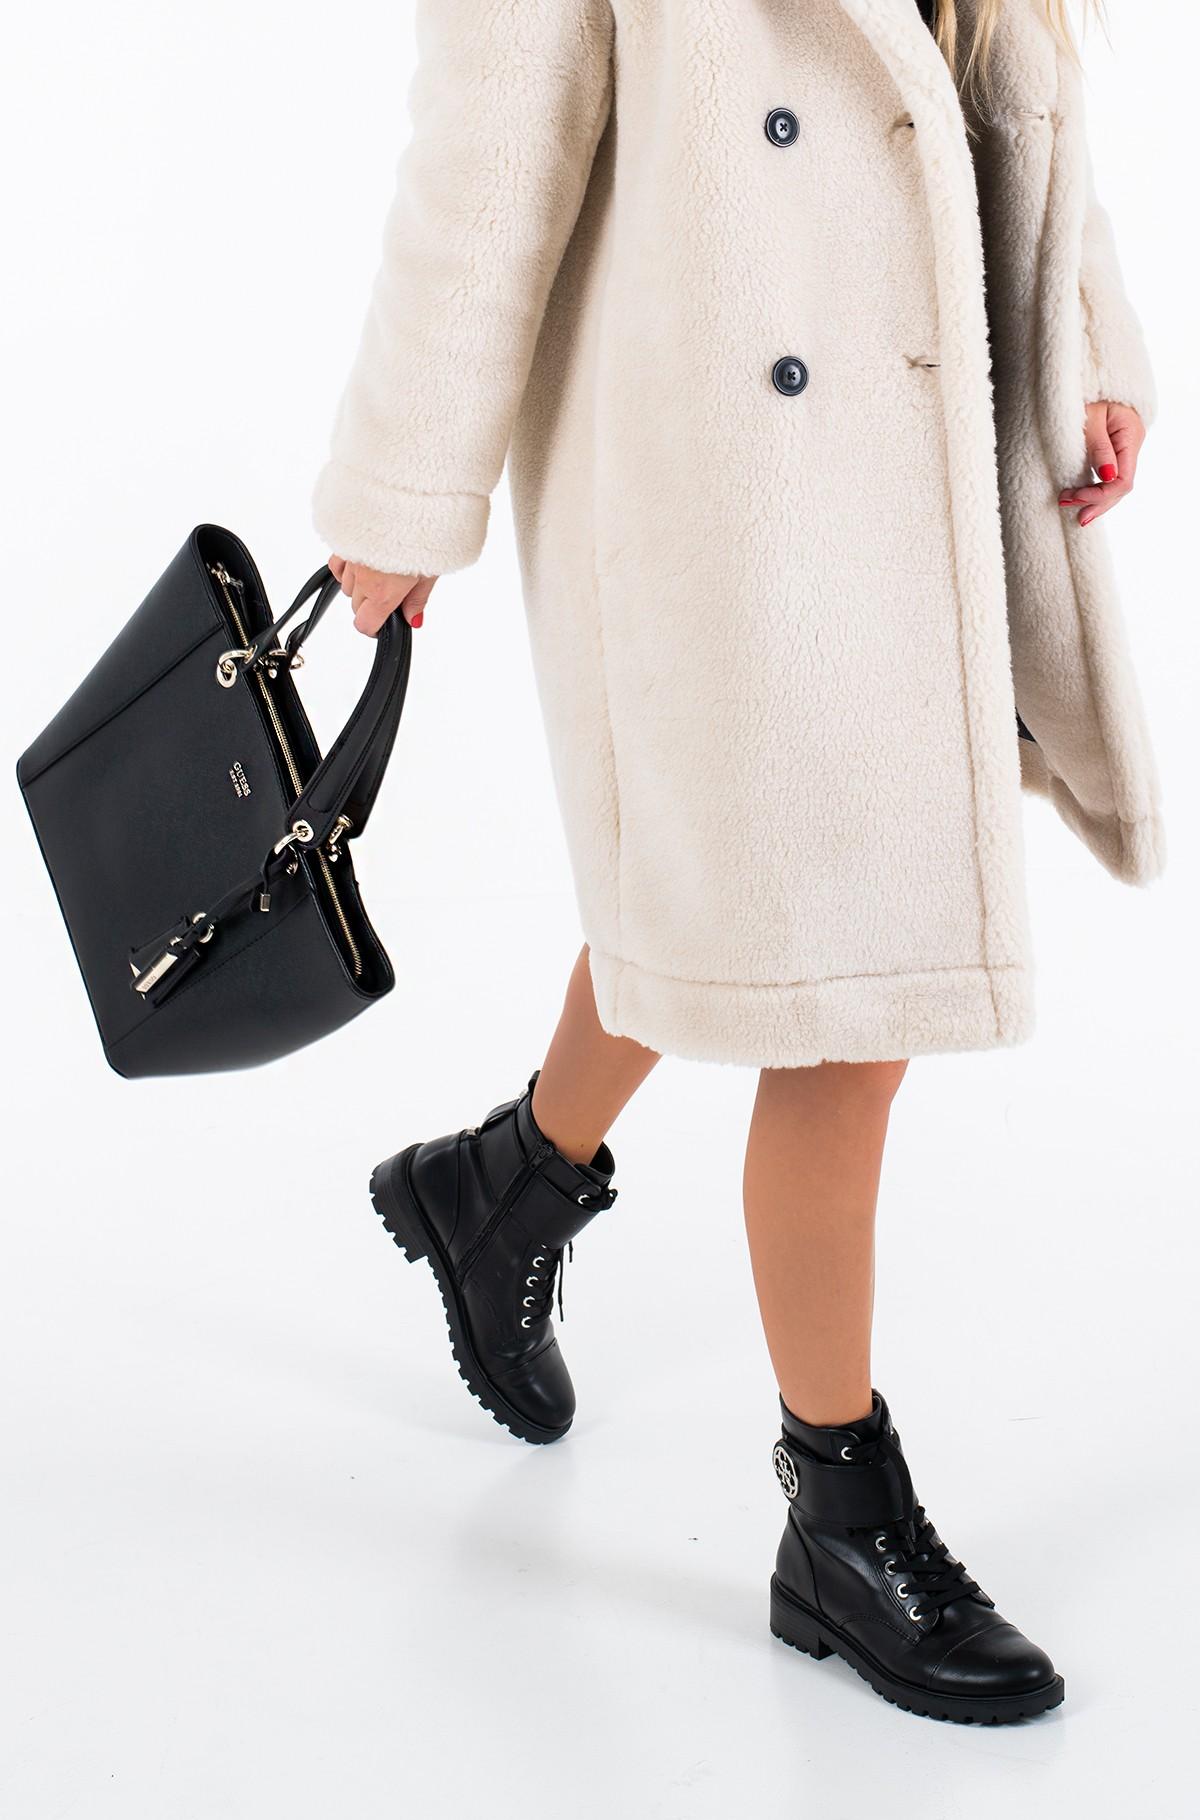 Handbag HWVG66 91230-full-1